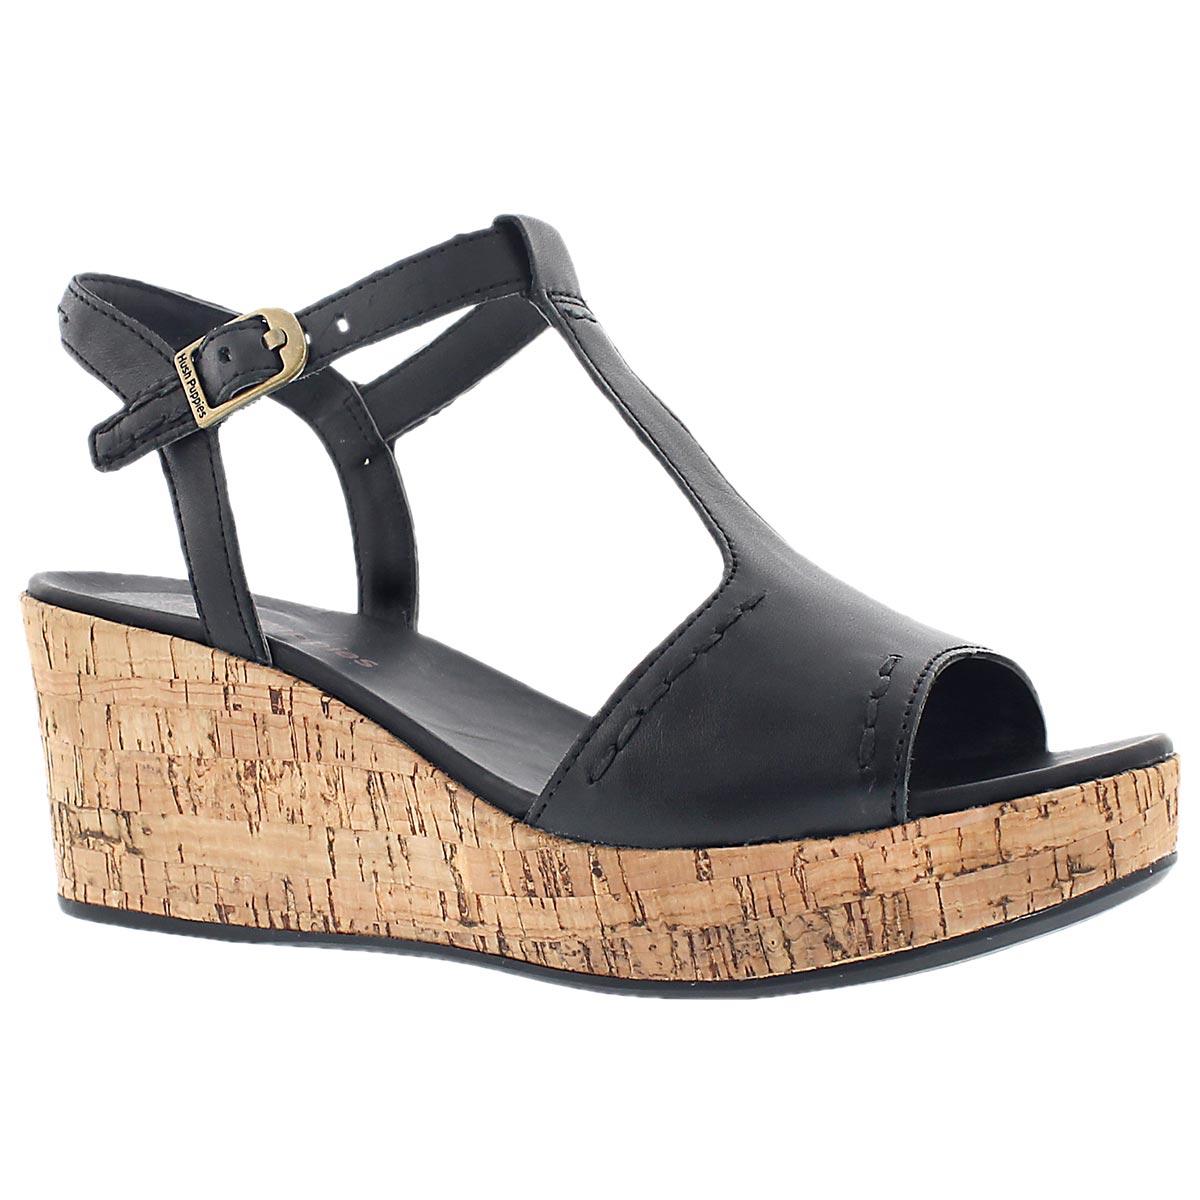 Lds Blakely Durante blk tstrp wdg sandal